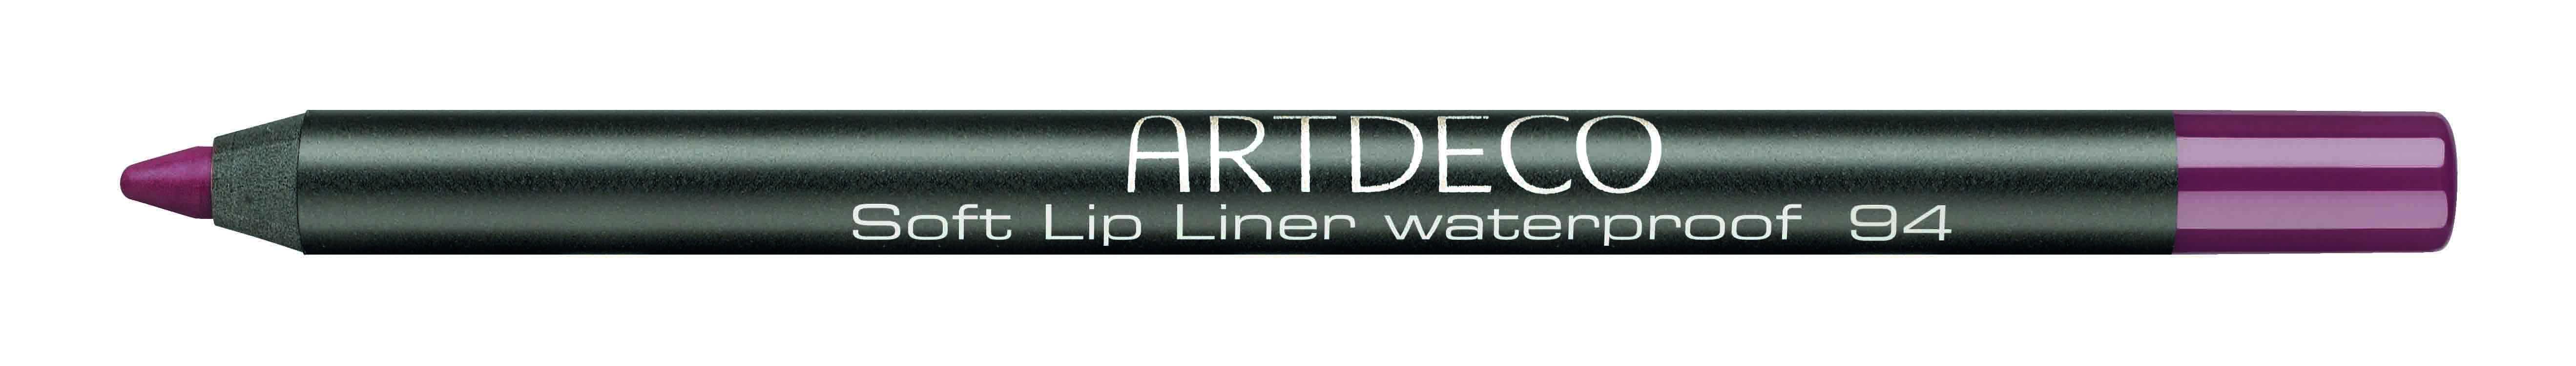 Artdeco карандаш для губ водостойкий 94 1,2гSC-FM20101Контур со стойкой текстурой и насыщенным цветом не позволяет растекаться помаде или блеску, помогает сделать чувственный макияж губ.